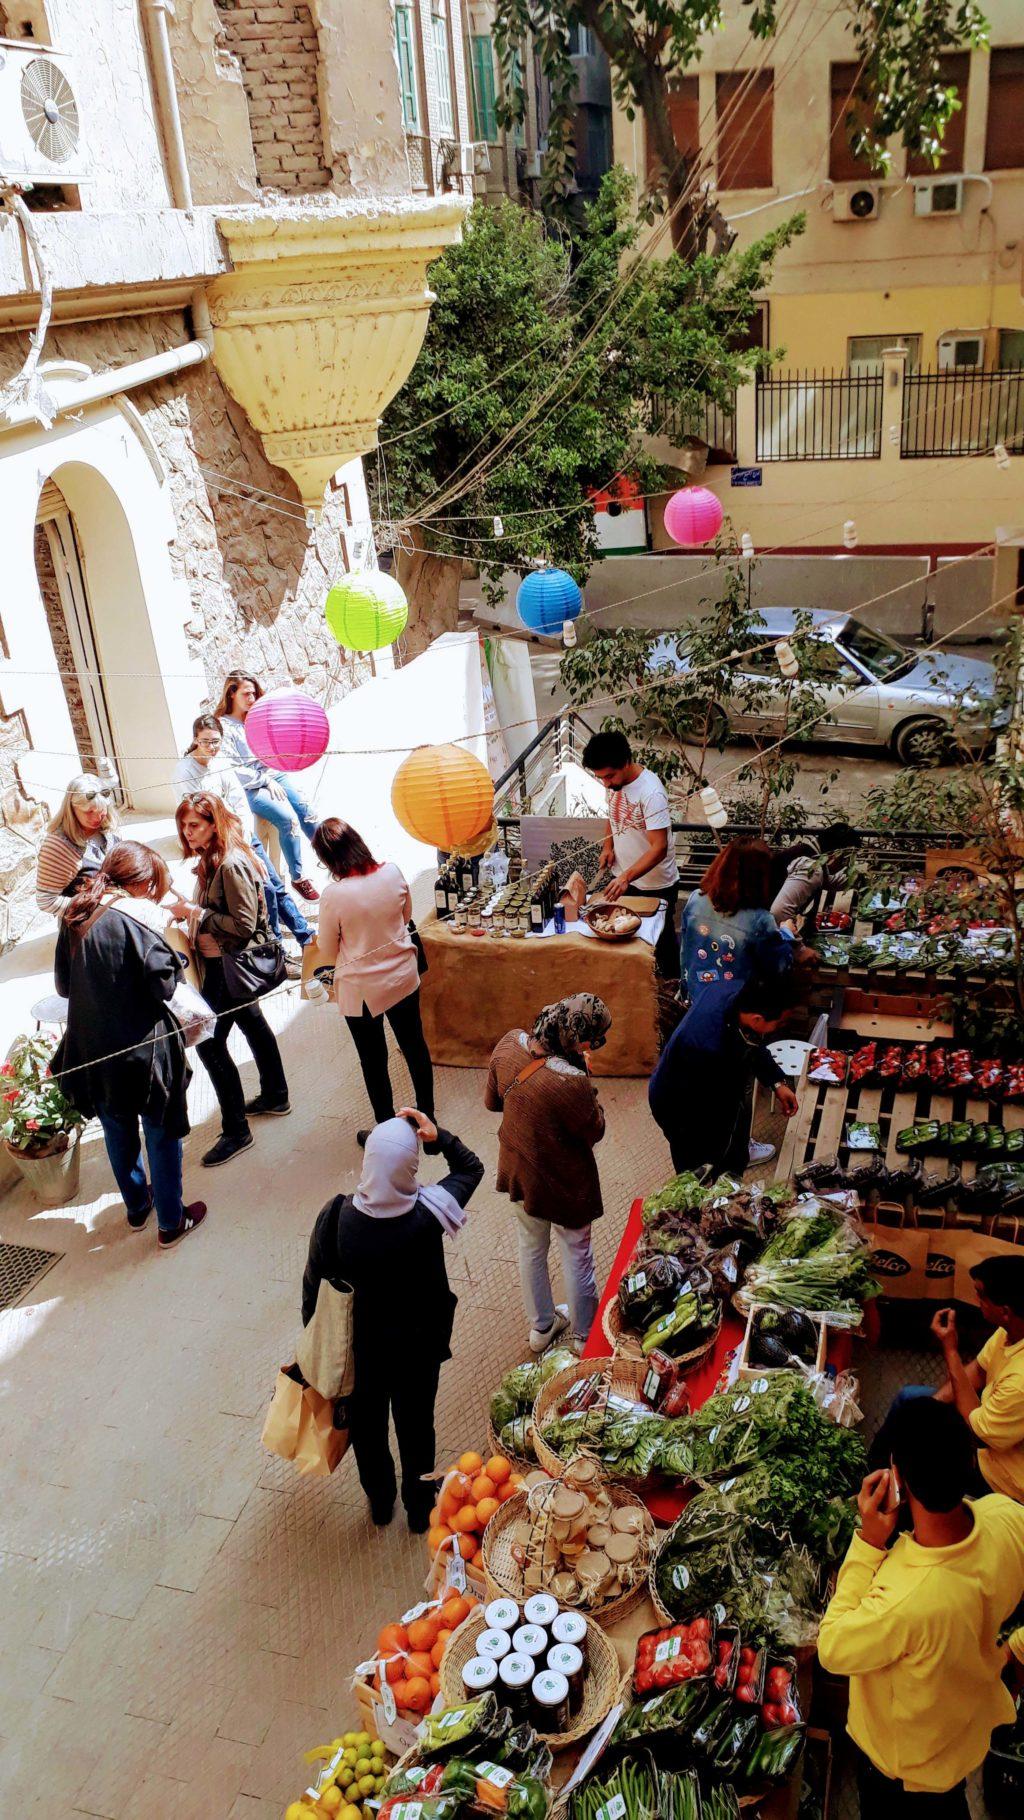 Pop-Up Market inZamalek (jeden Samstag und Sonntag)